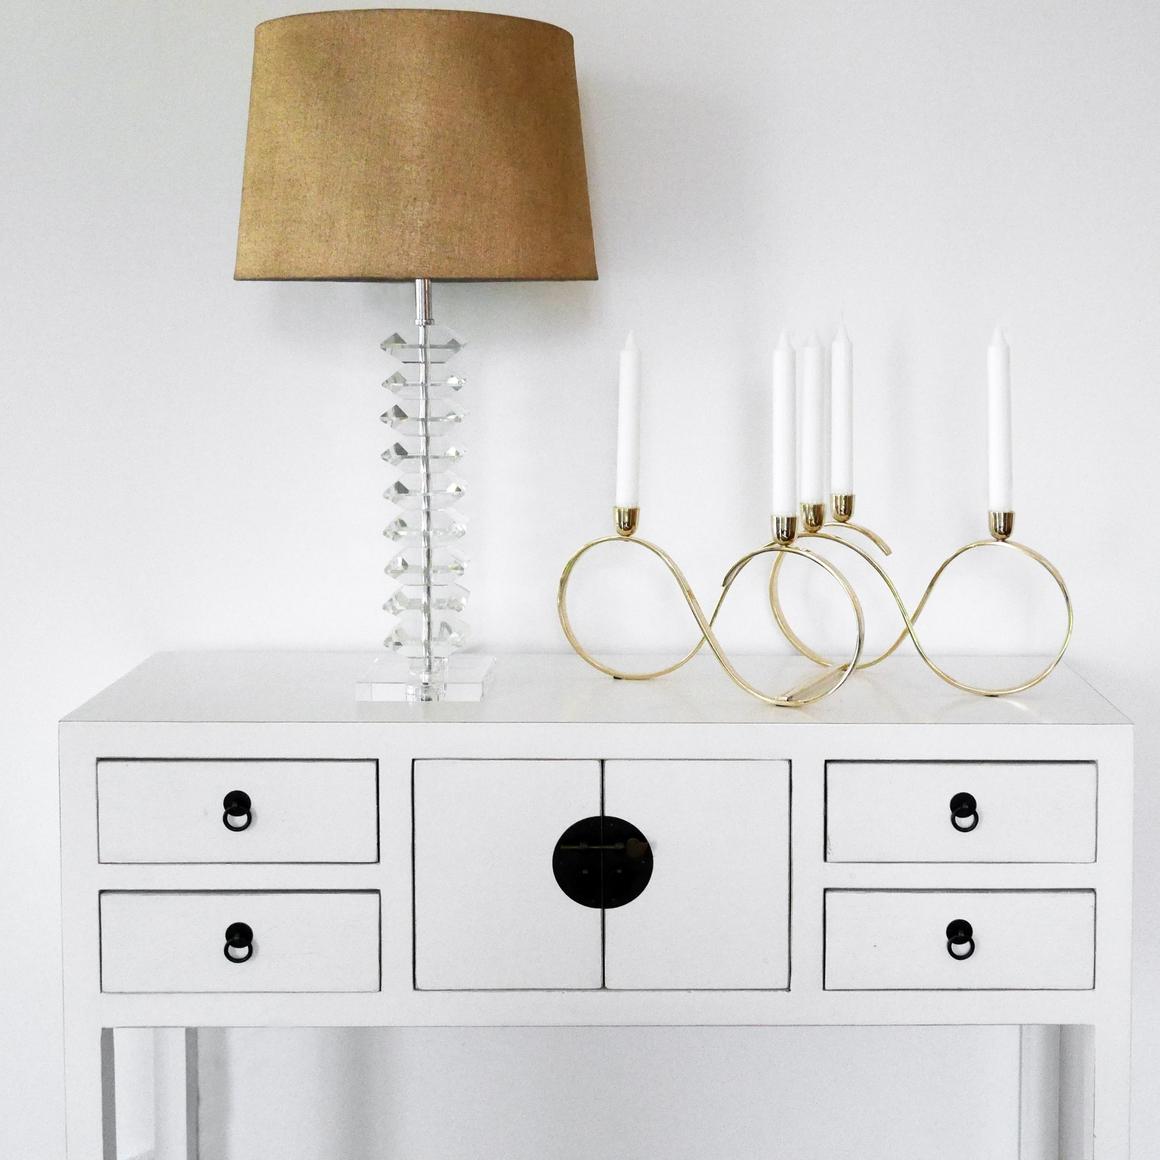 Lampa i glas med guldskärm i linne.